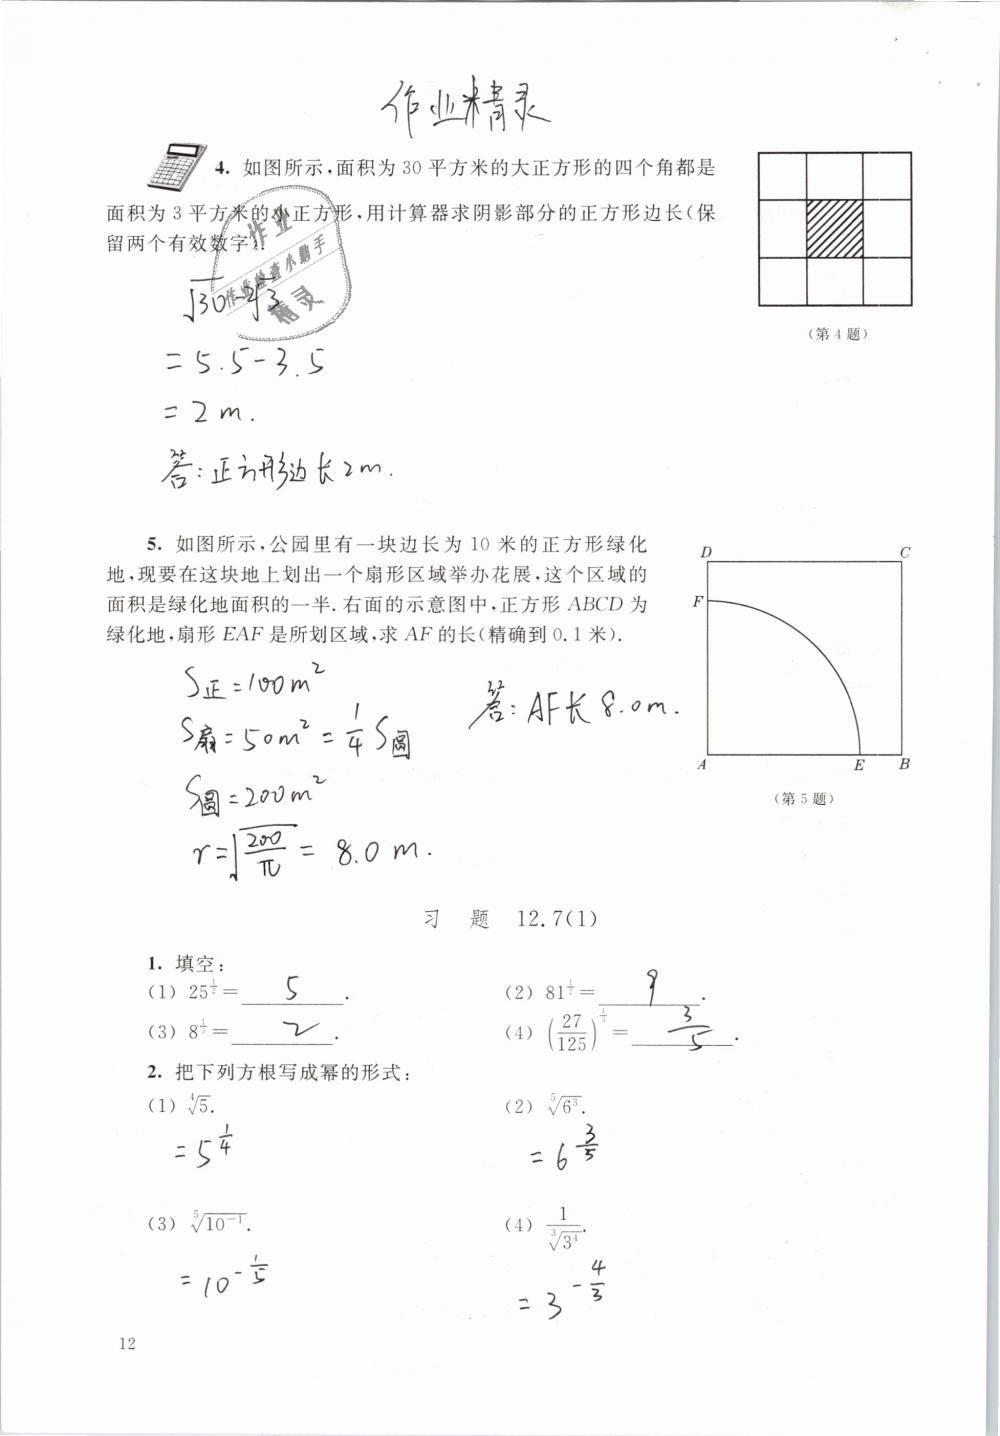 2019年数学练习部分七年级第二学期第12页